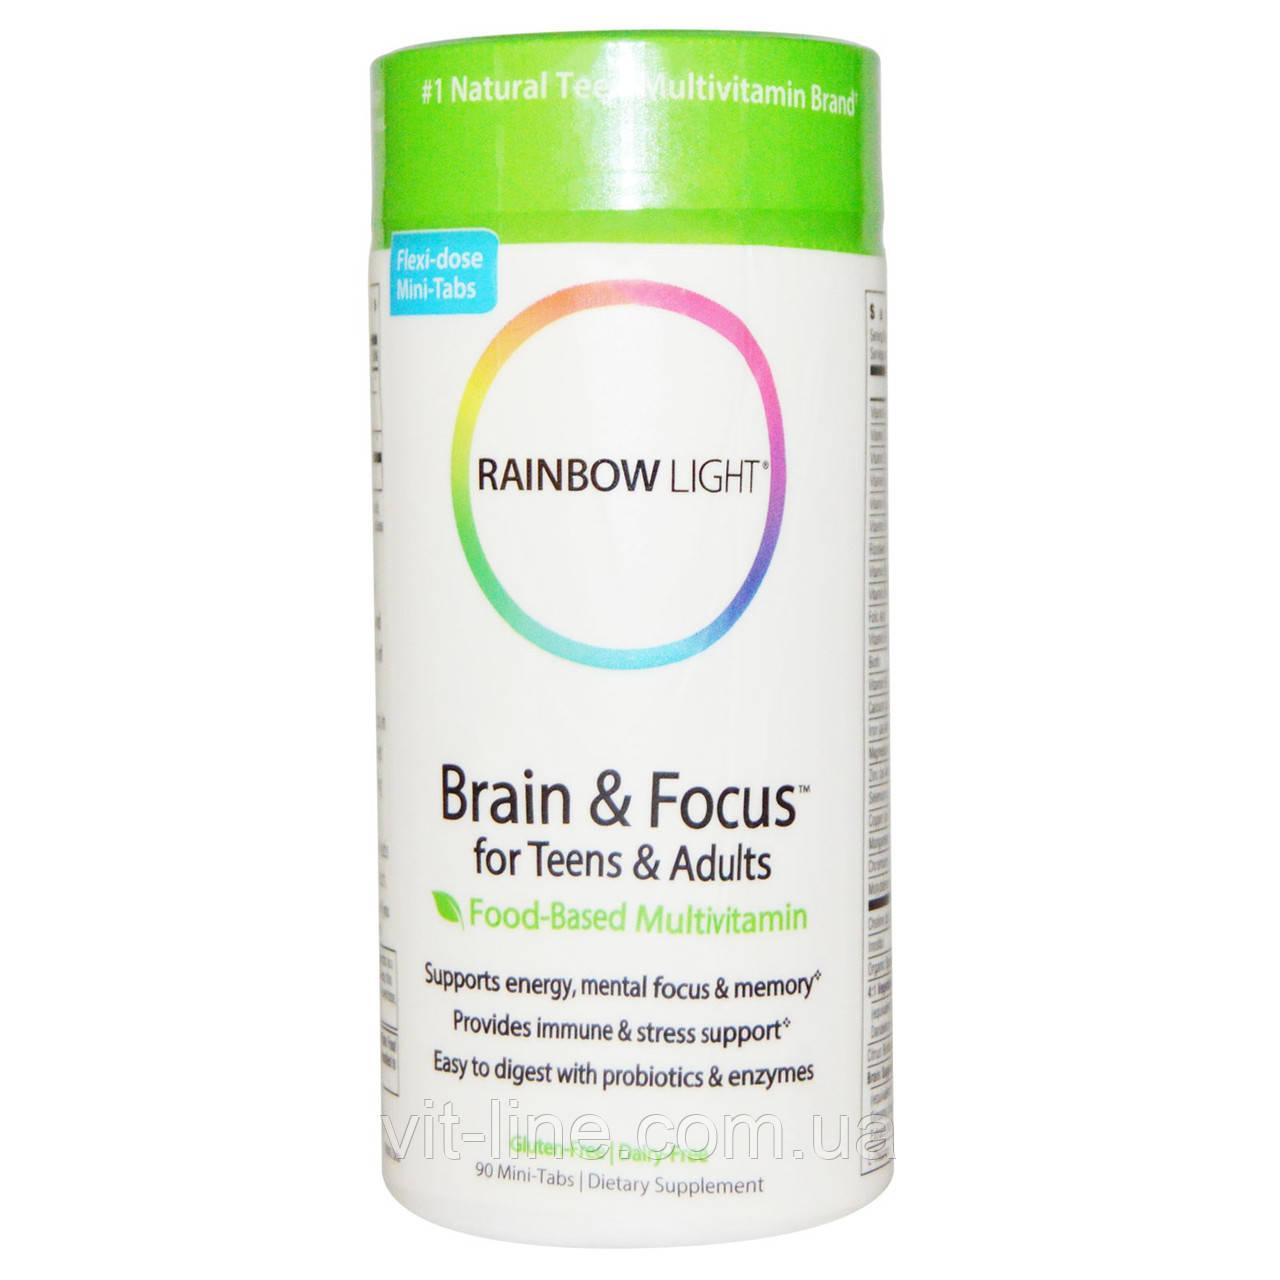 Rainbow Light, Brain & Focus для дітей і дорослих, харчової мультивітамінний комплекс, 90 міні таблет